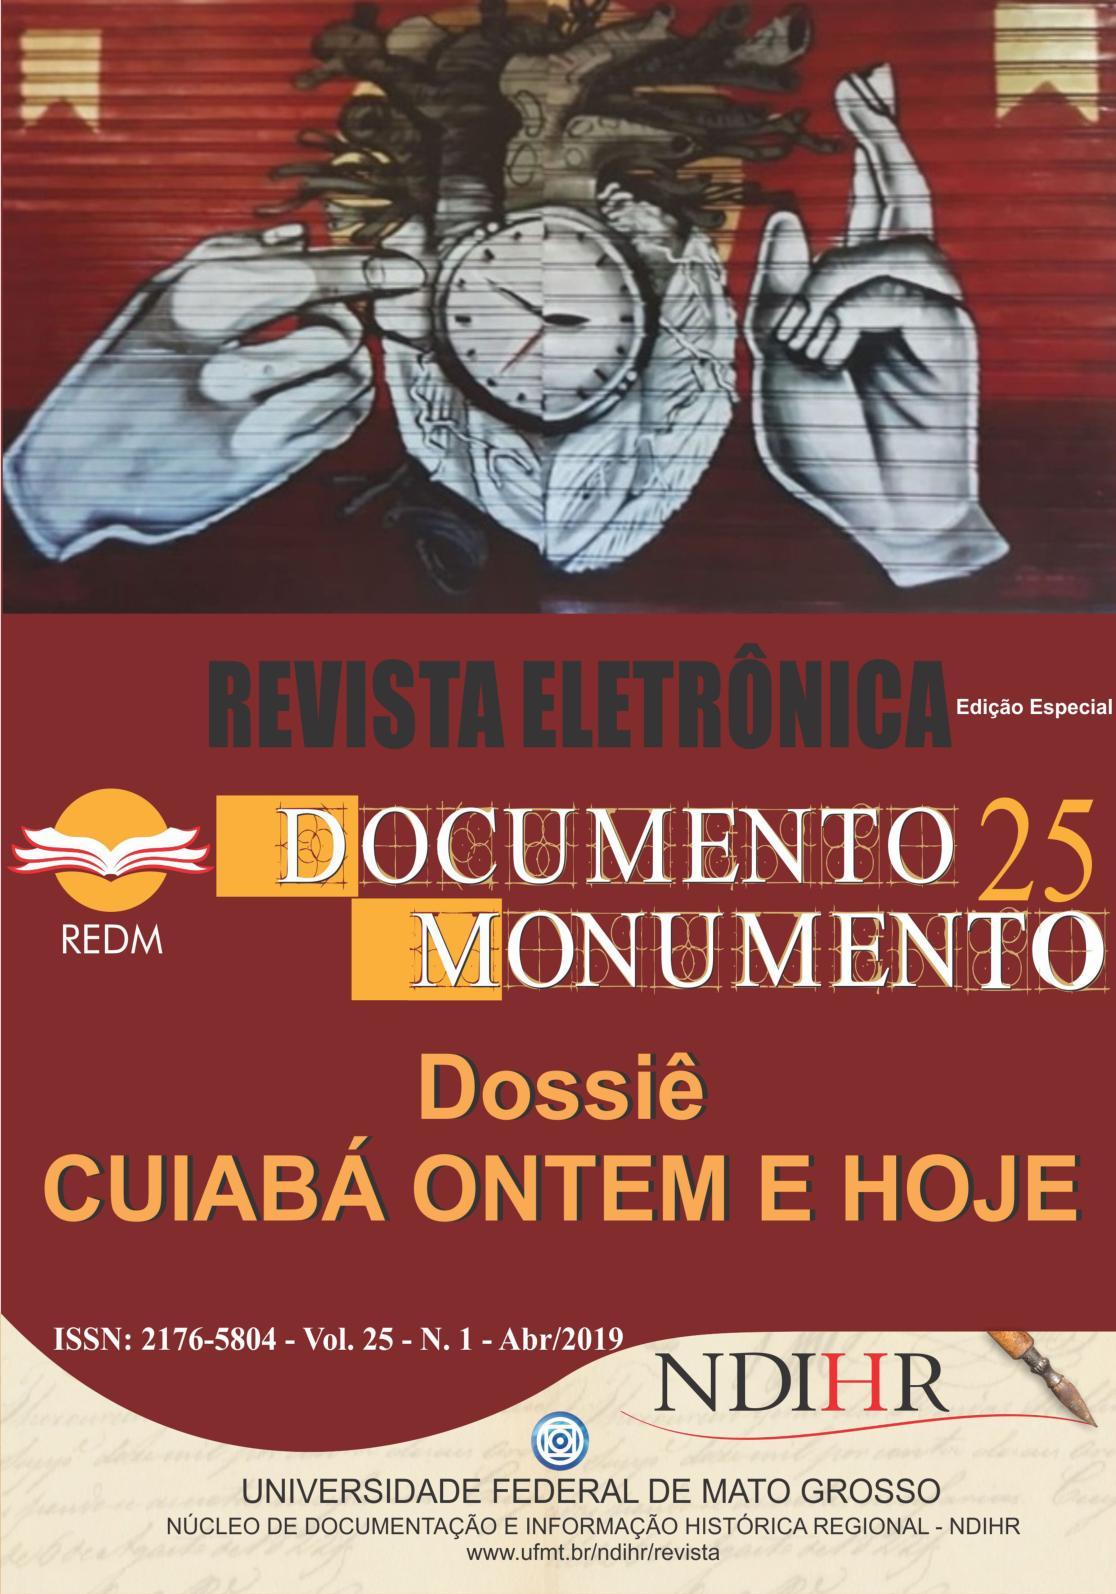 60ca2183f Calaméo - Revista Eletrônica Documento Monumento - Vol. 25 N.1 - Abril 2019